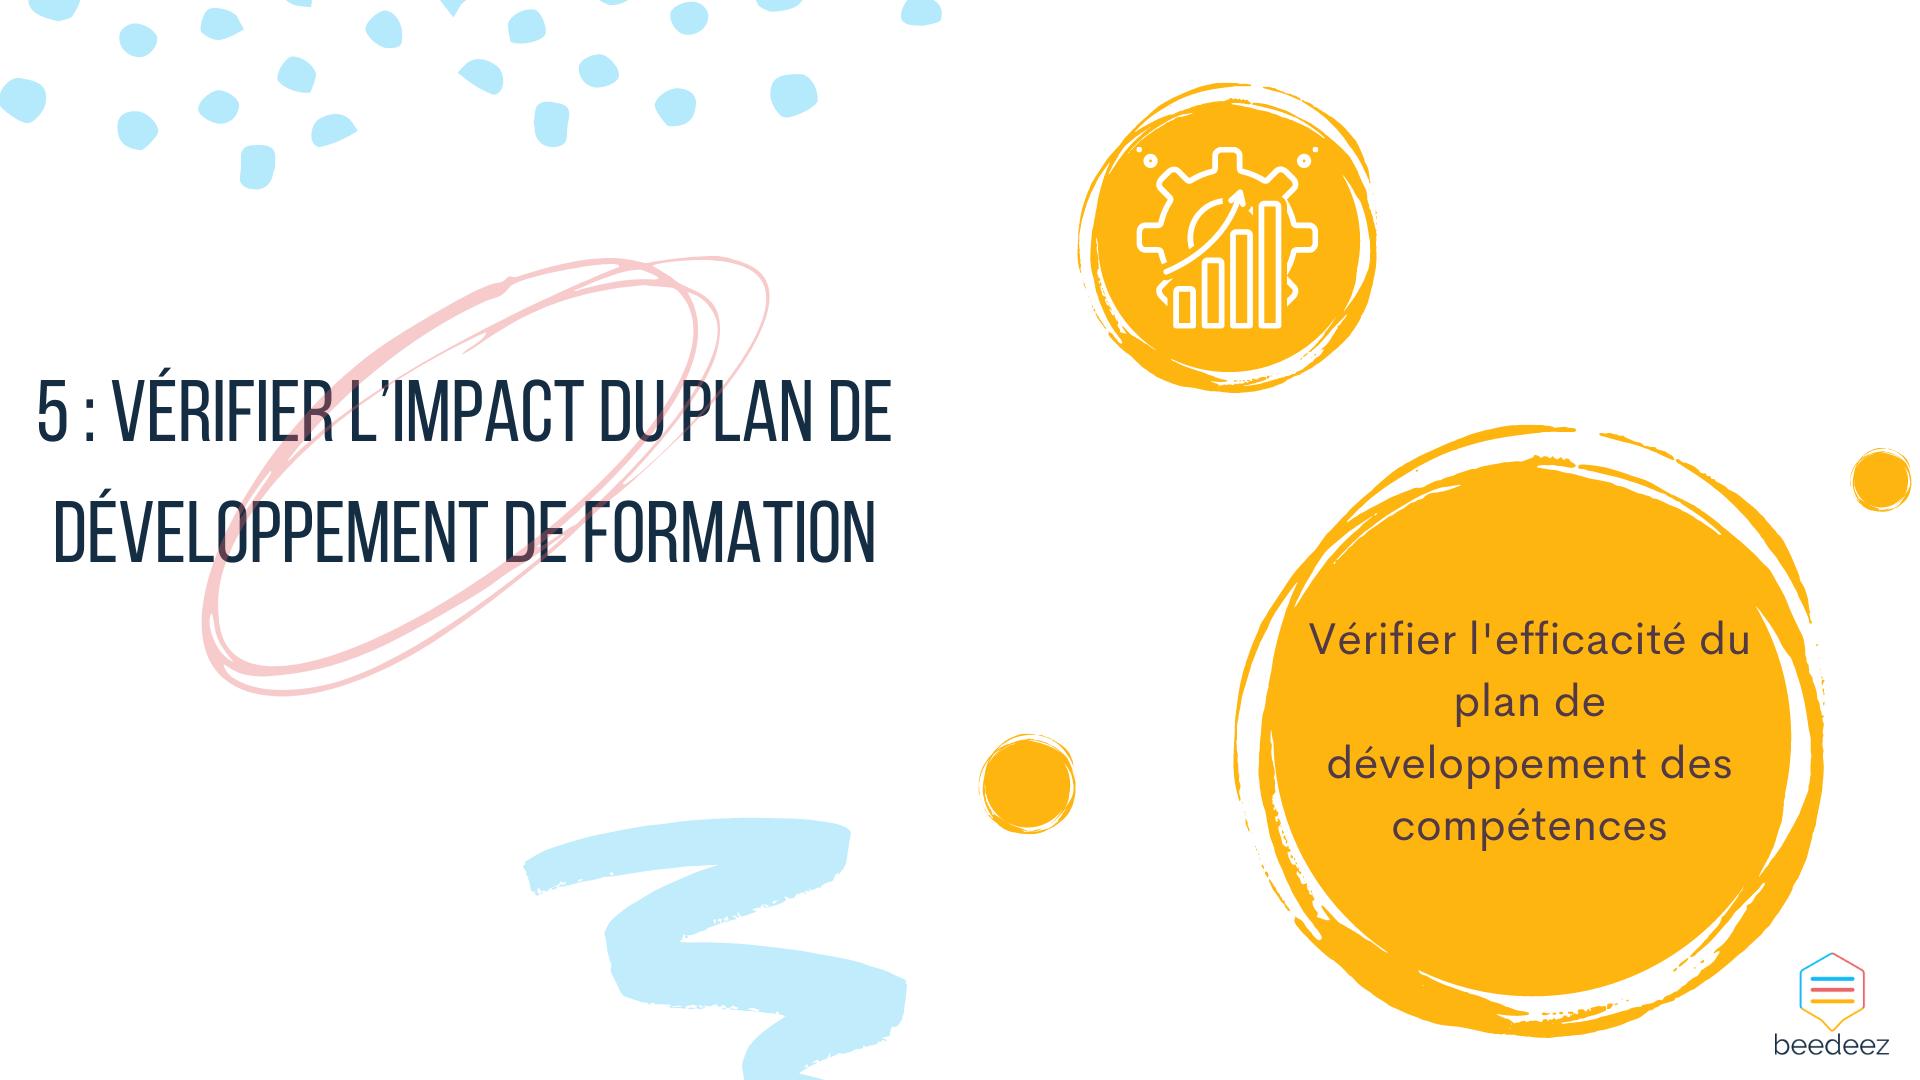 Vérifier l'impact du plan de développement de formation